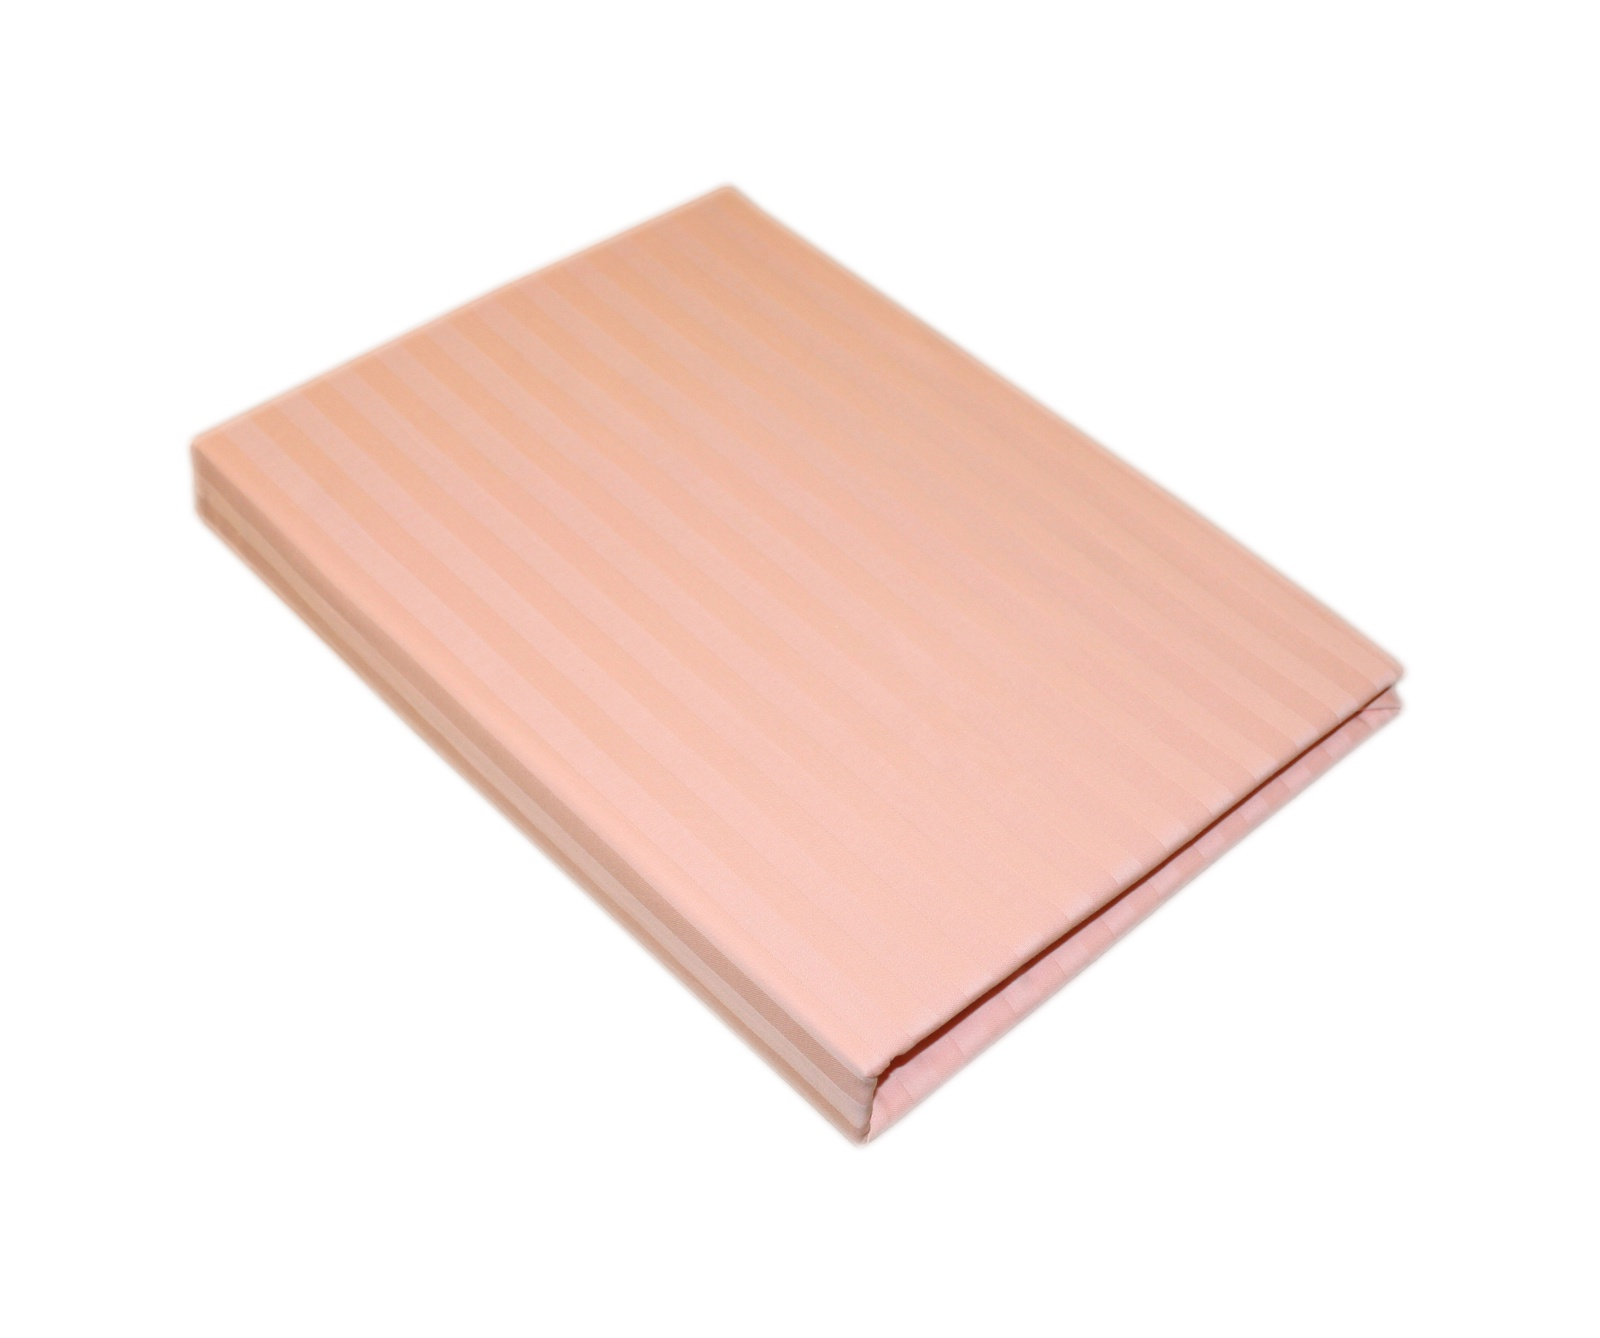 Простыня BegAl На резинке страйп сатин 90x200 светло-розовый